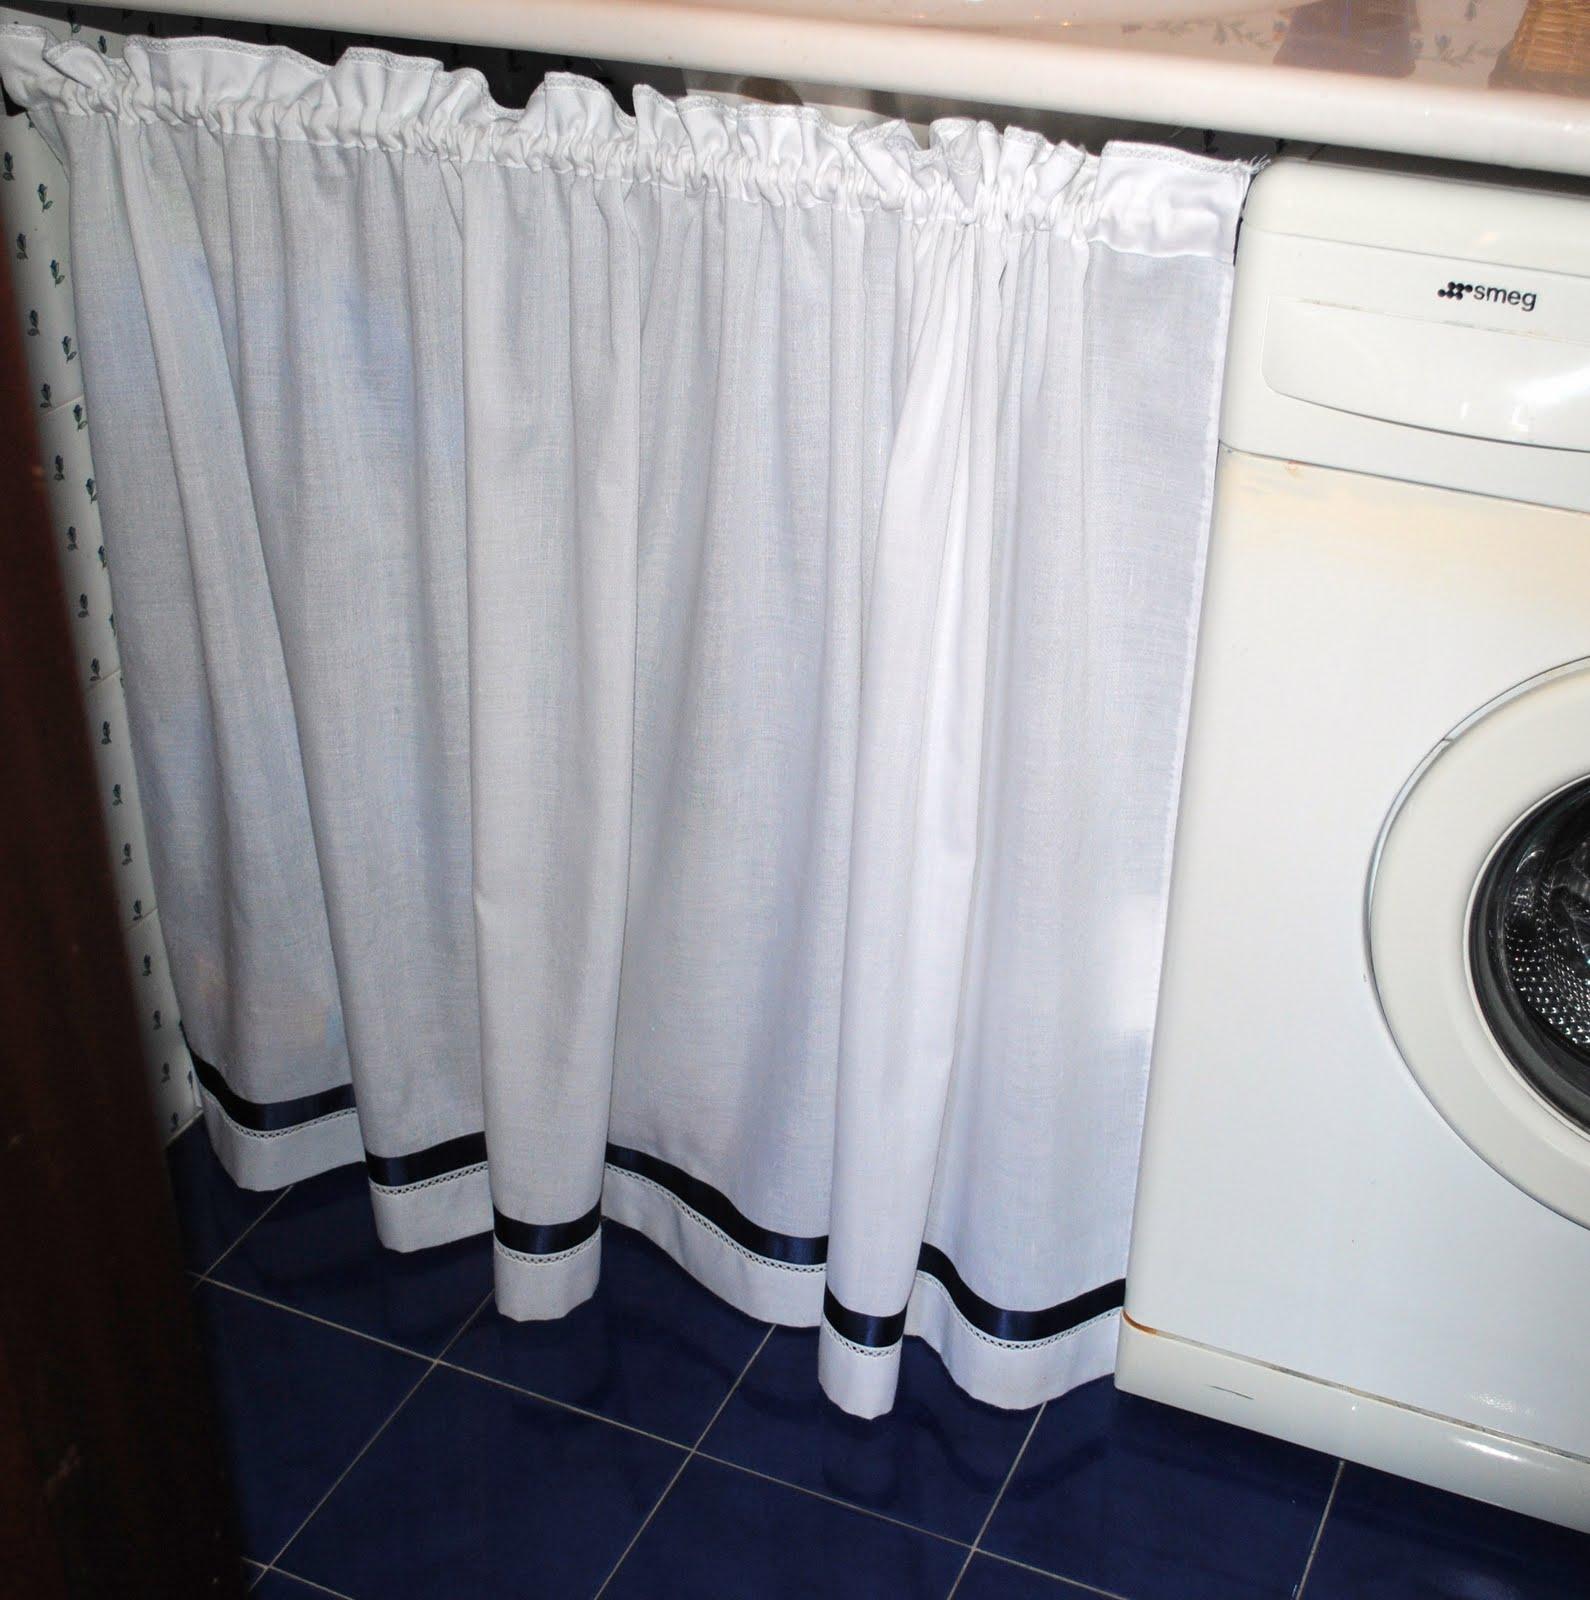 Magliamagia tendina sotto lavabo - Tendine per il bagno ...